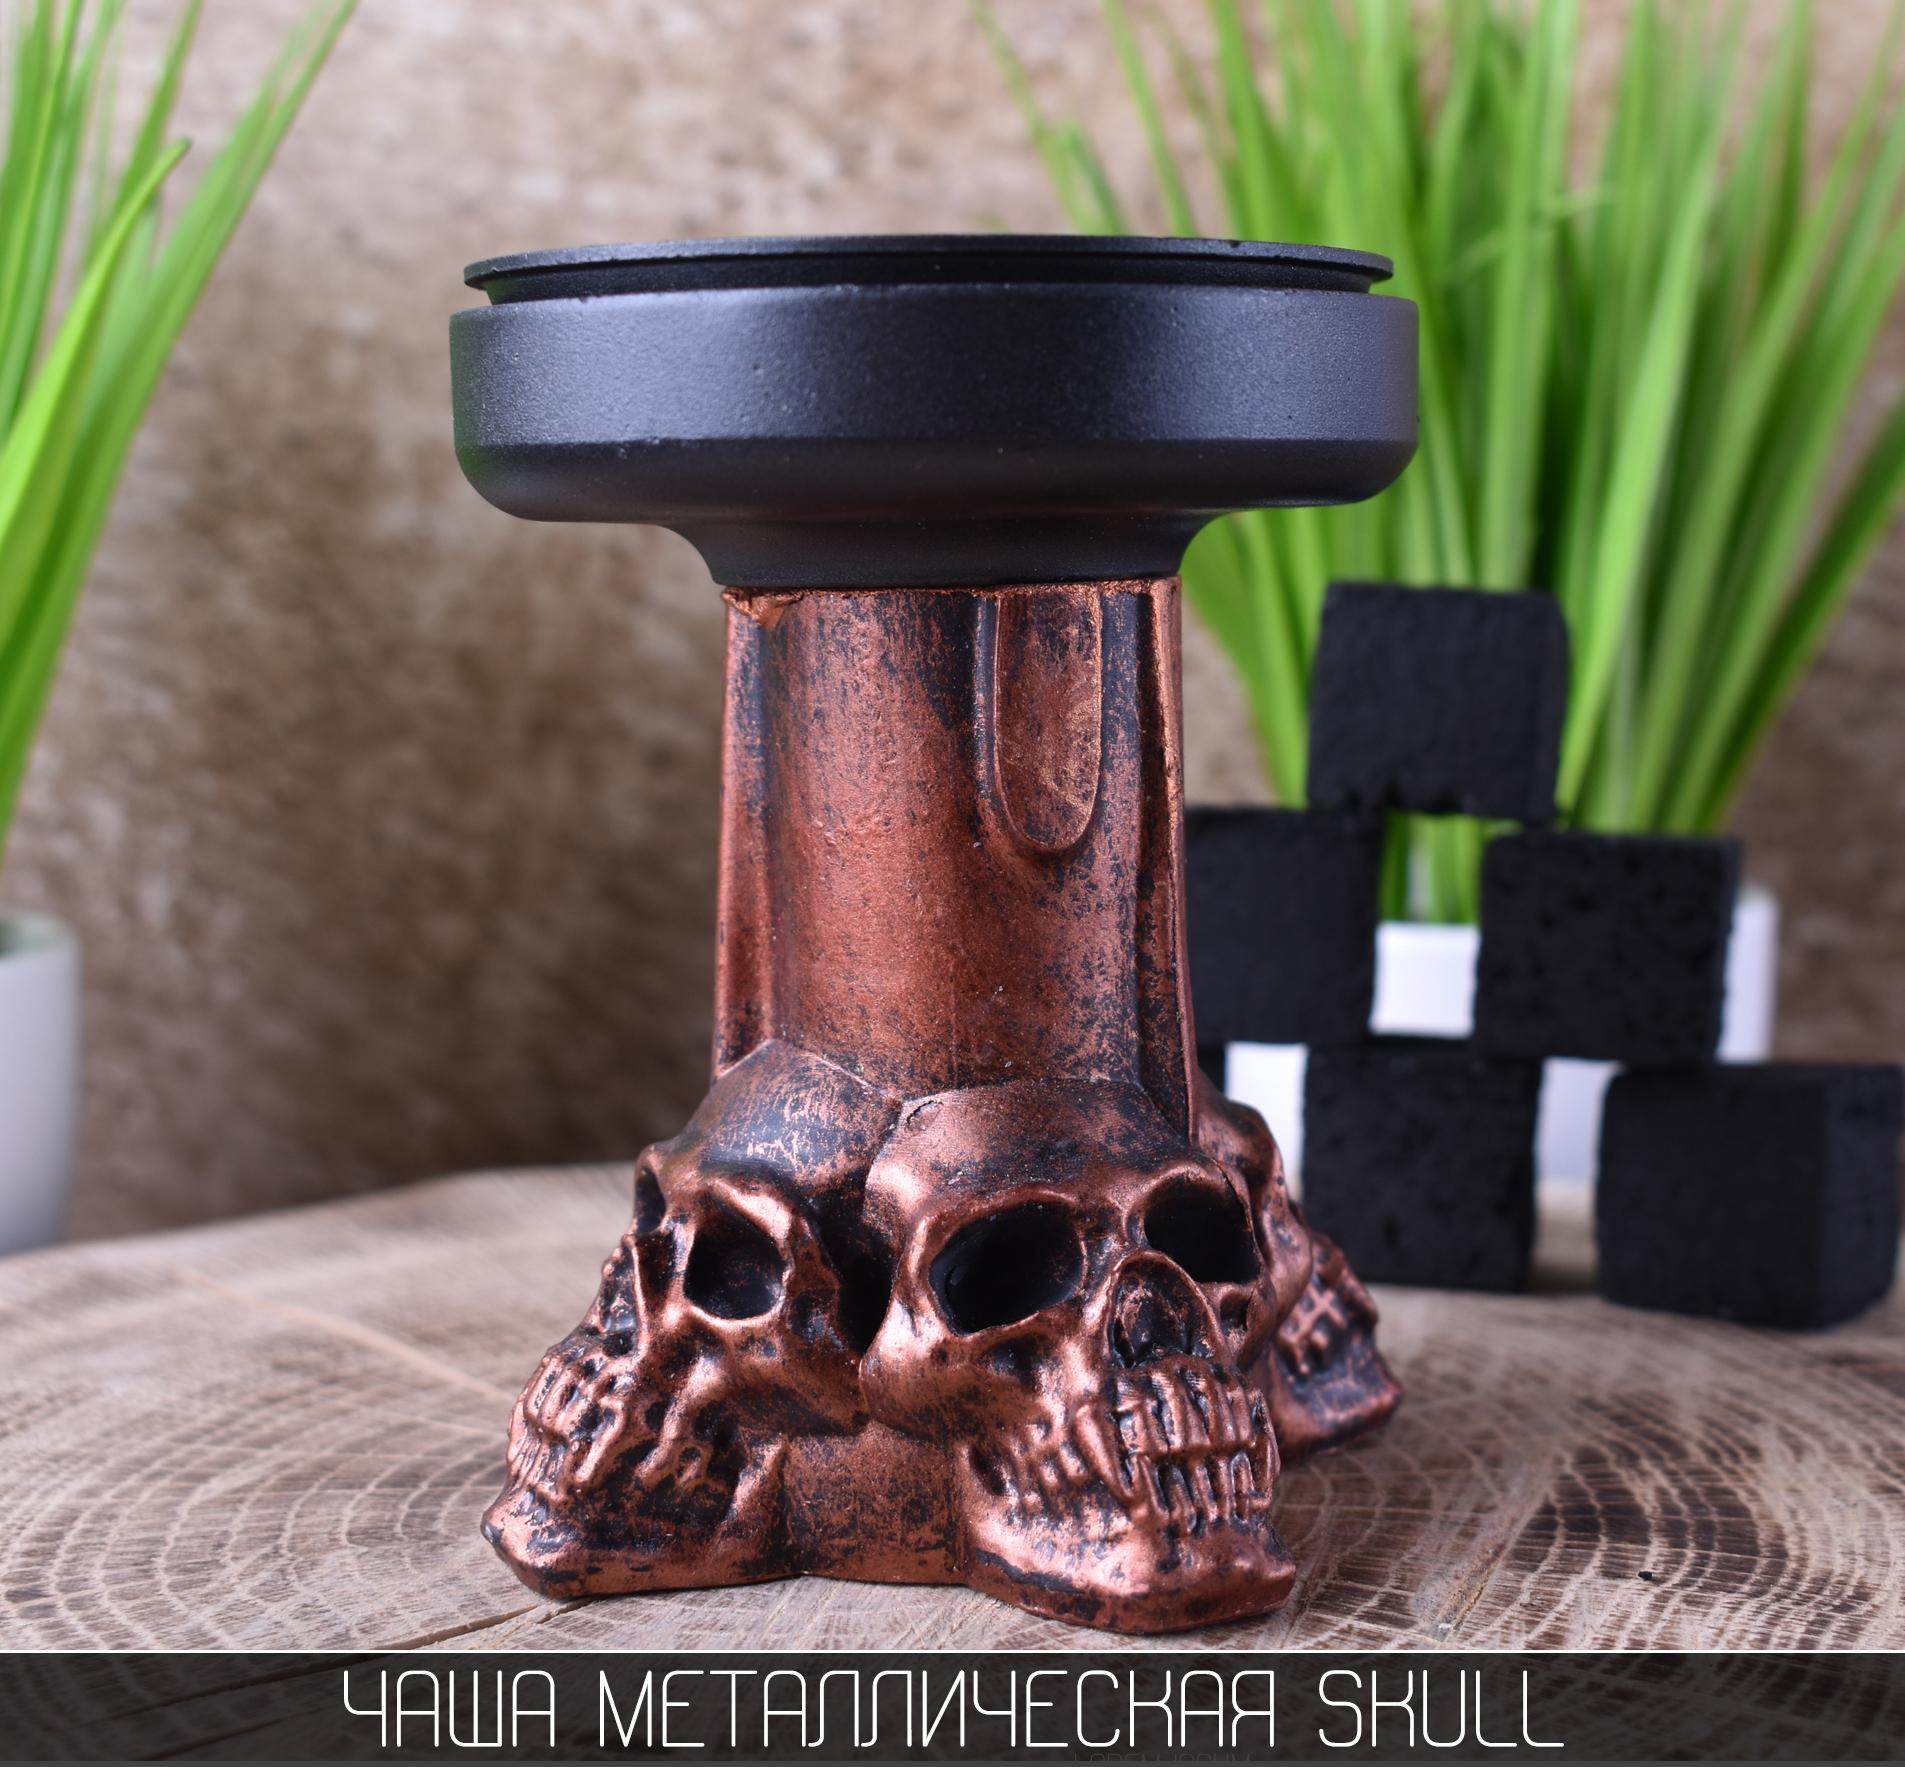 Чаша металлическая Skull - фото 5 - Kalyanchik.ua